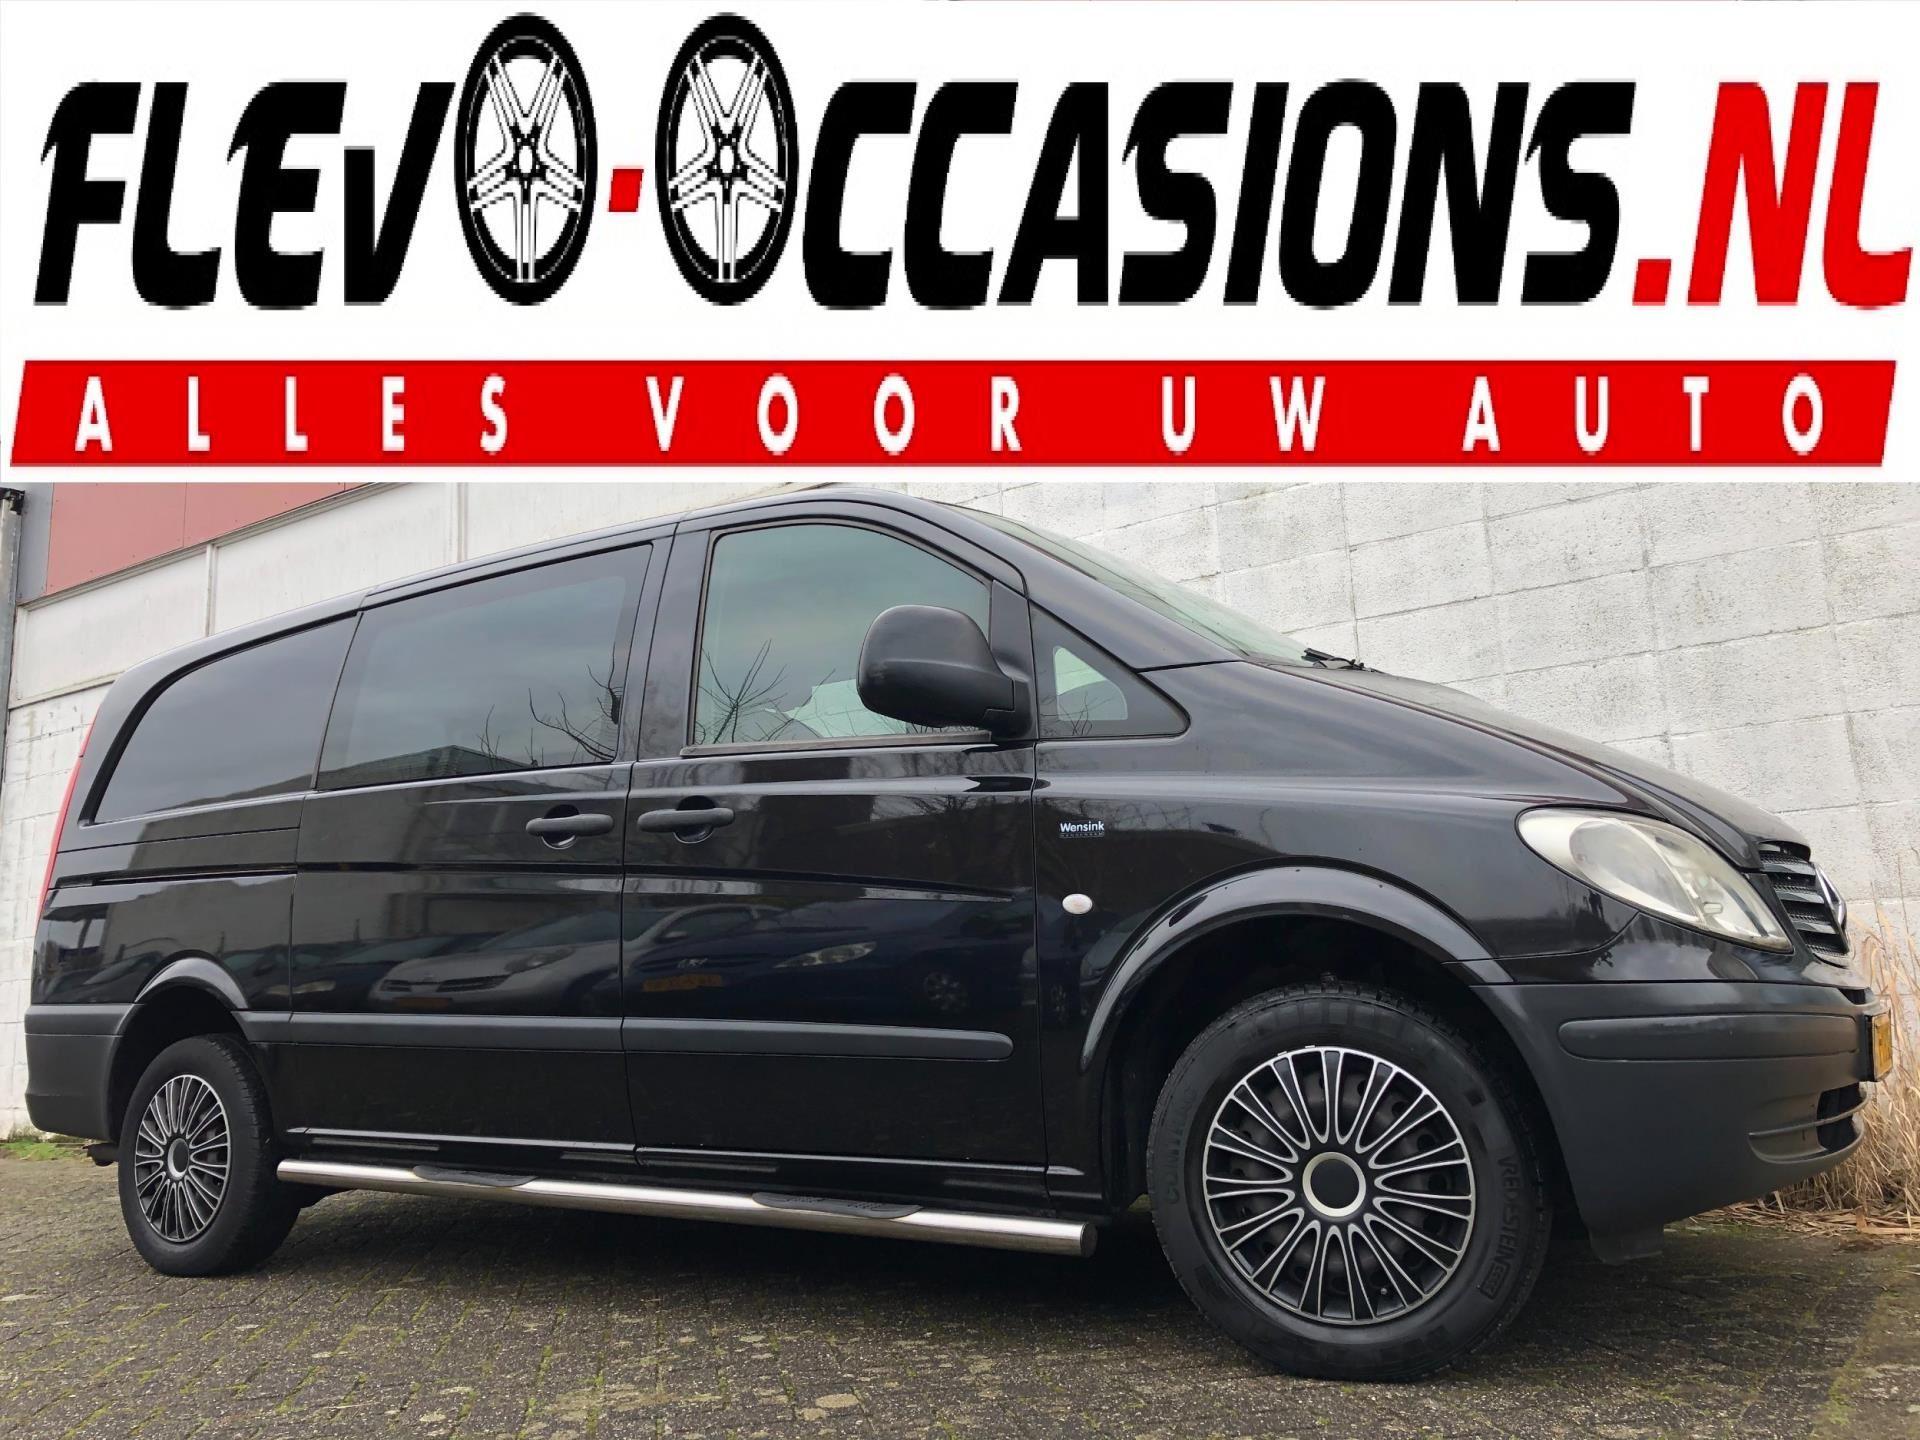 Mercedes-Benz Vito occasion - Flevo Occasions